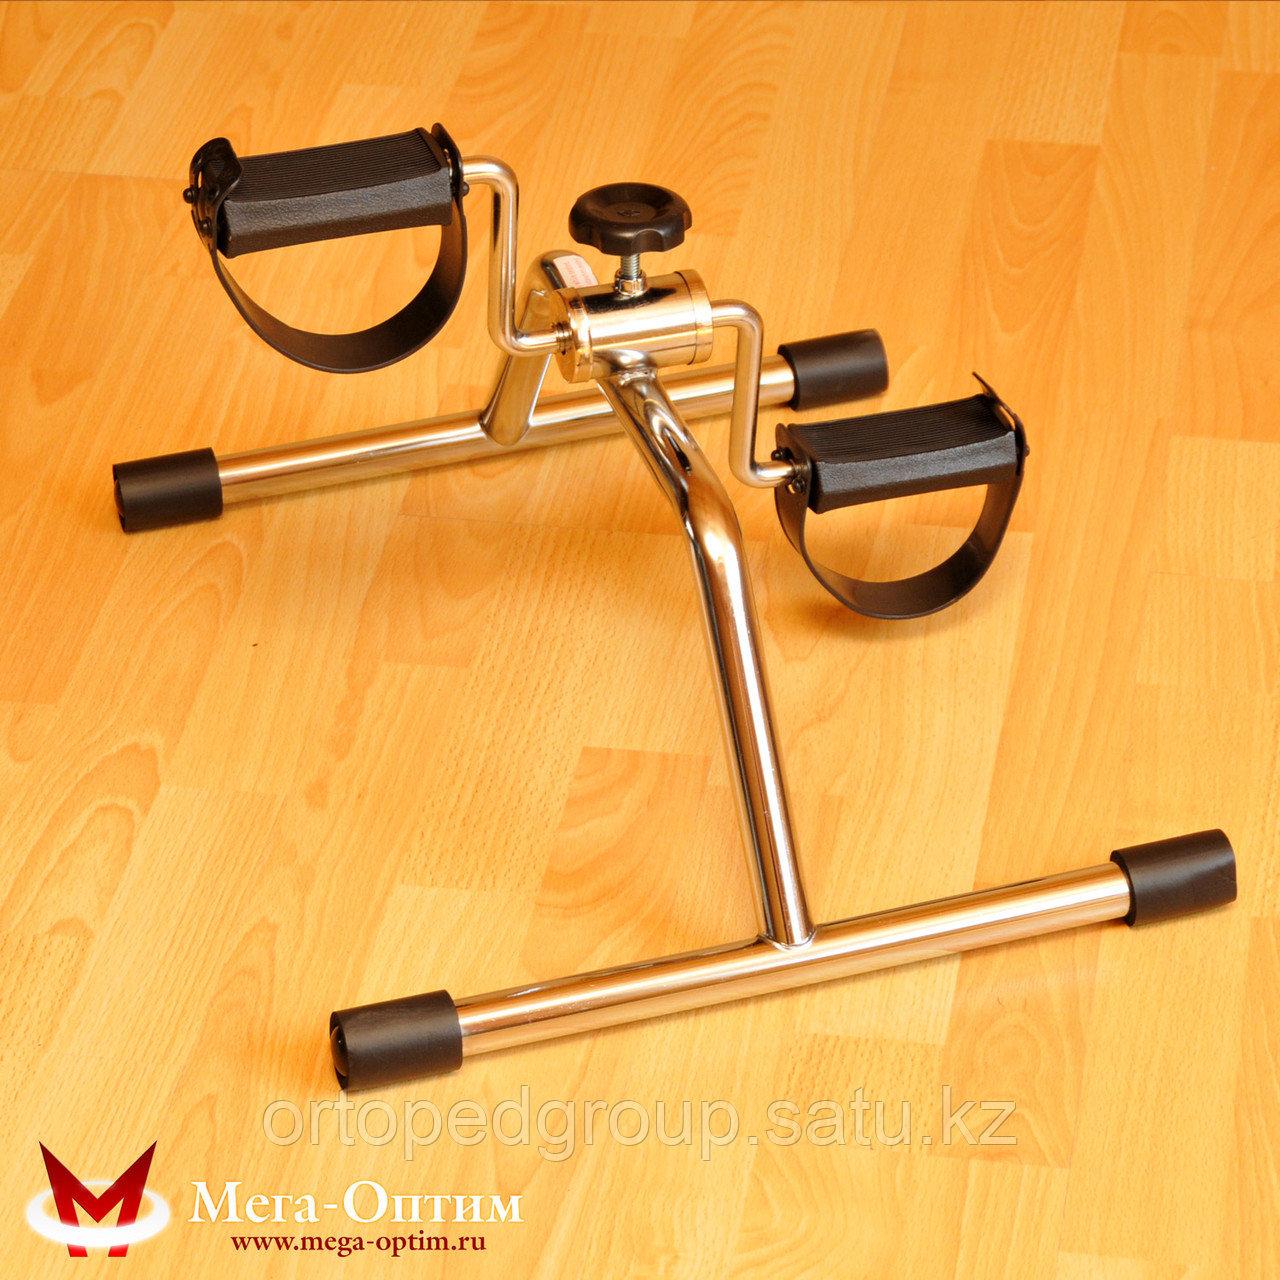 Тренажер для верхних и нижних конечностей - фото 1